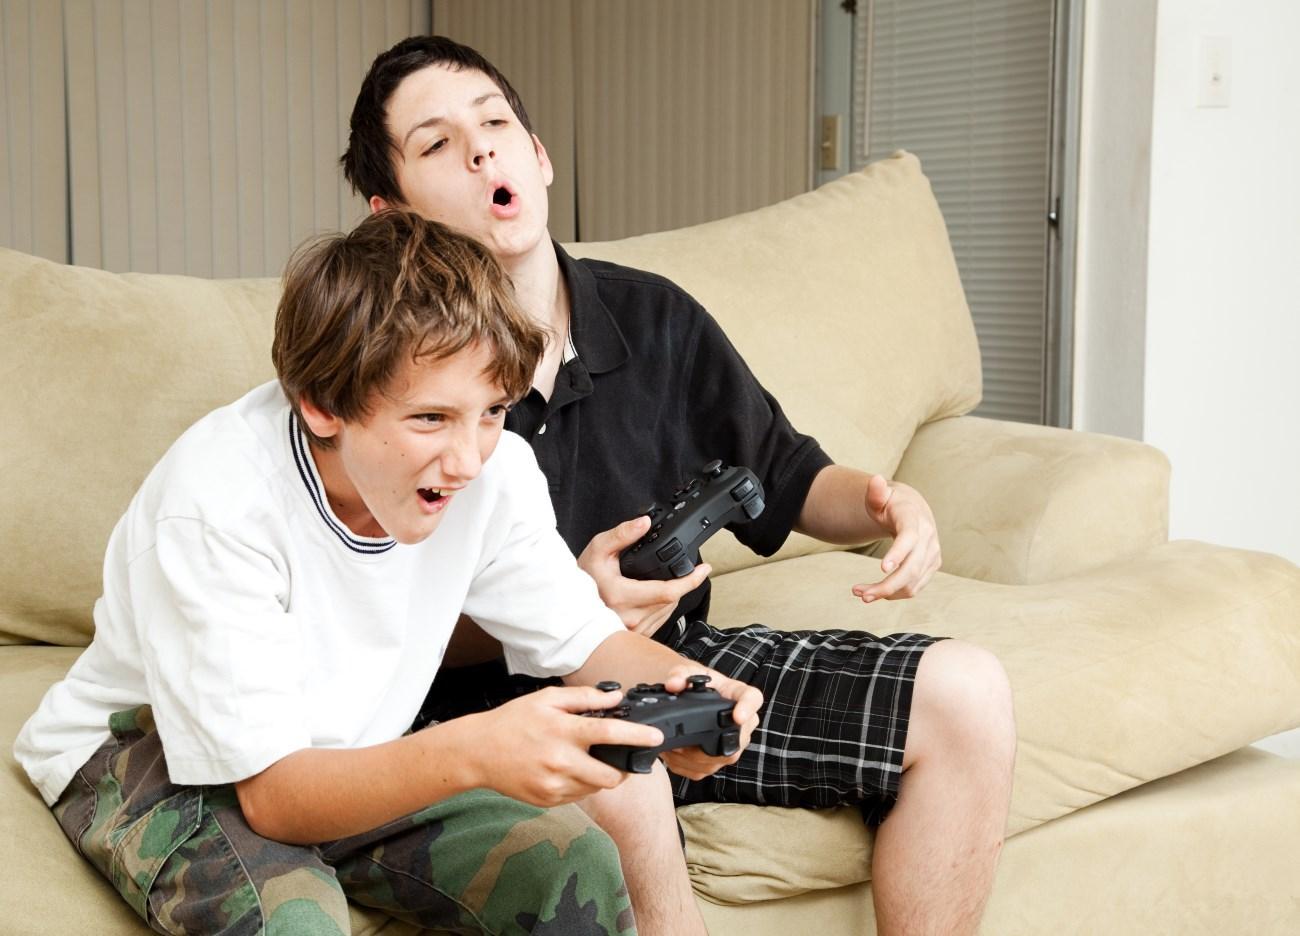 видеоигры - вред или польза